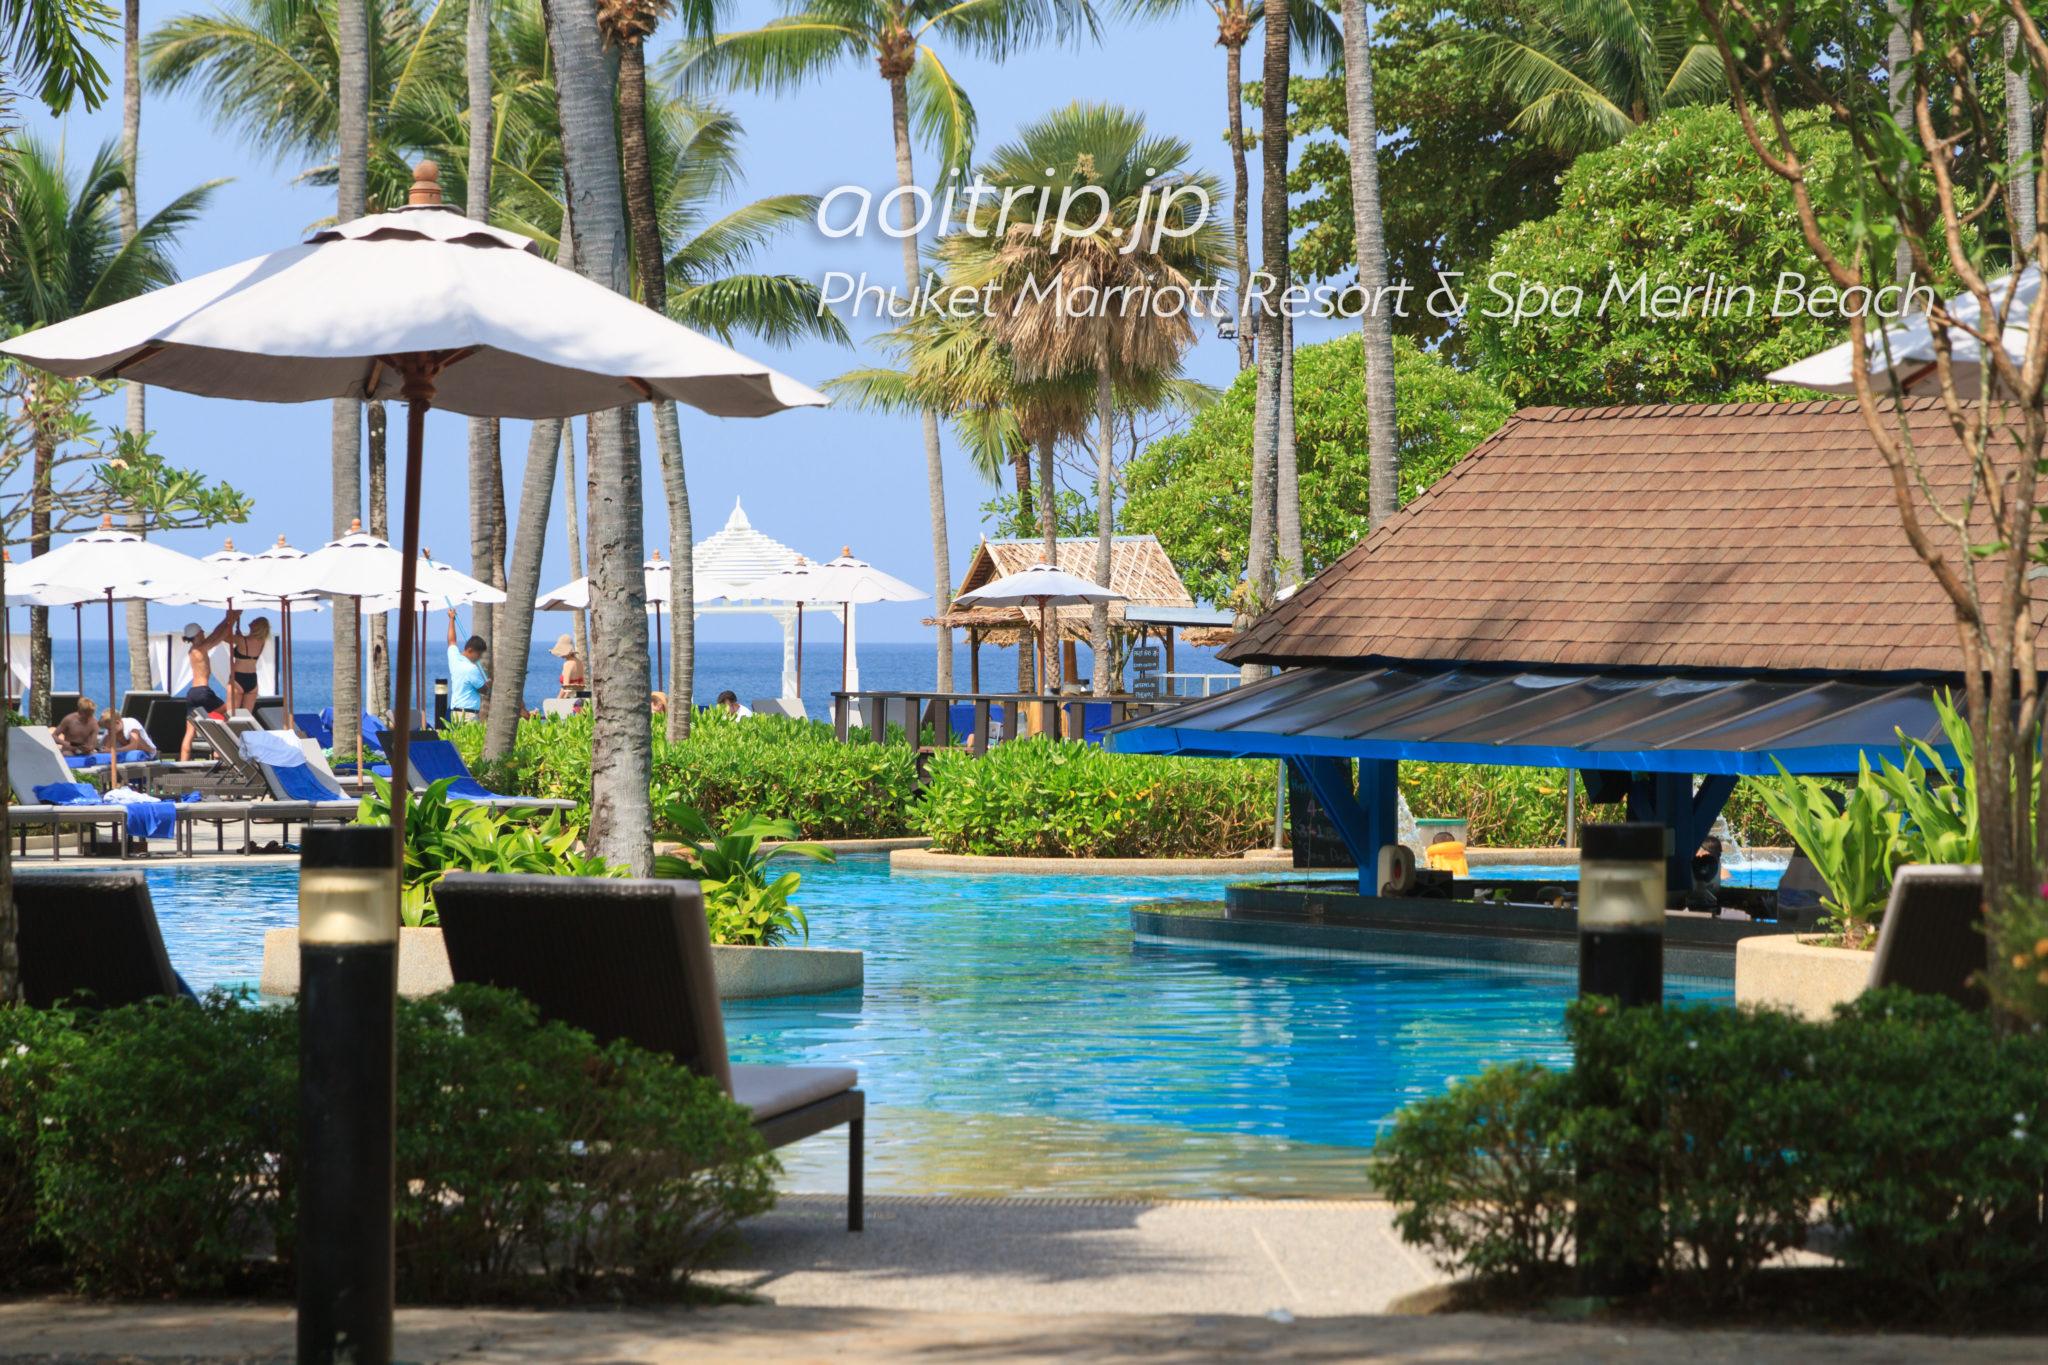 プーケット マリオット リゾート & スパ メルリン ビーチのプール